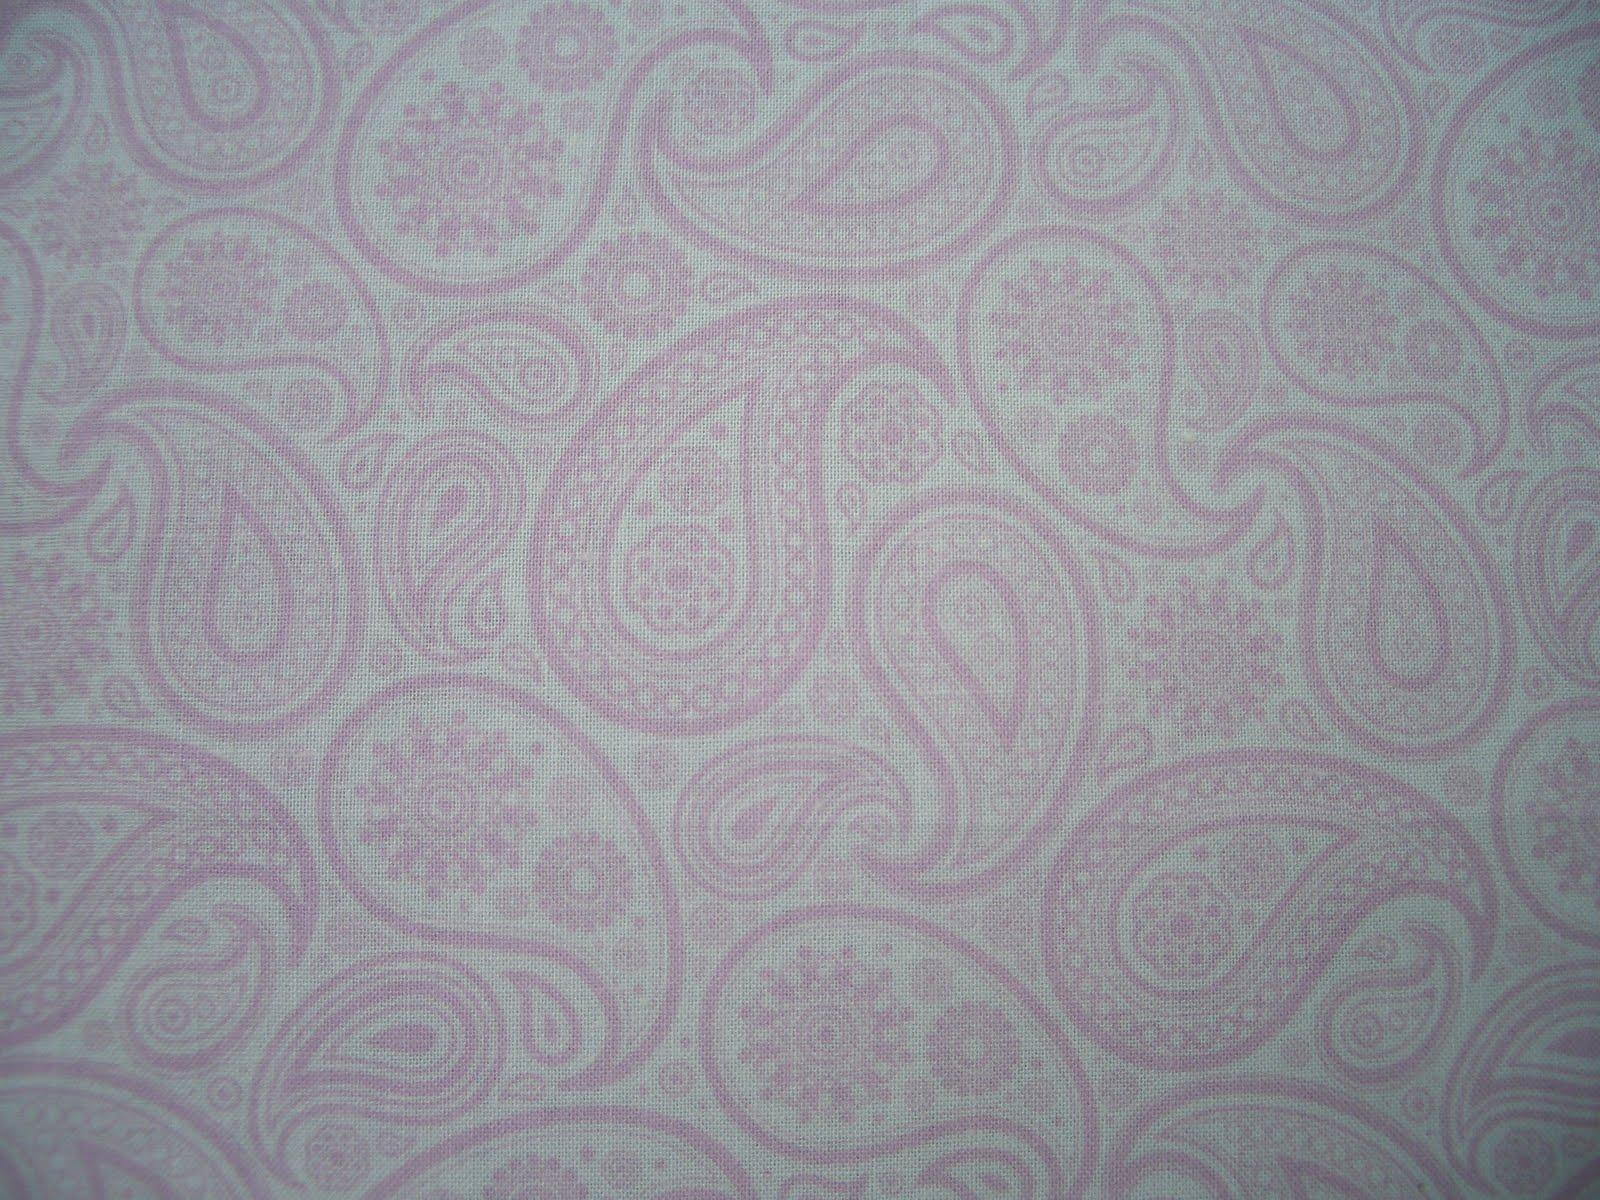 http://3.bp.blogspot.com/_b9qBfCP0YaE/TIDdwN-8EvI/AAAAAAAAAW4/tGL3nqiIrO8/s1600/1pink+paisley.jpg